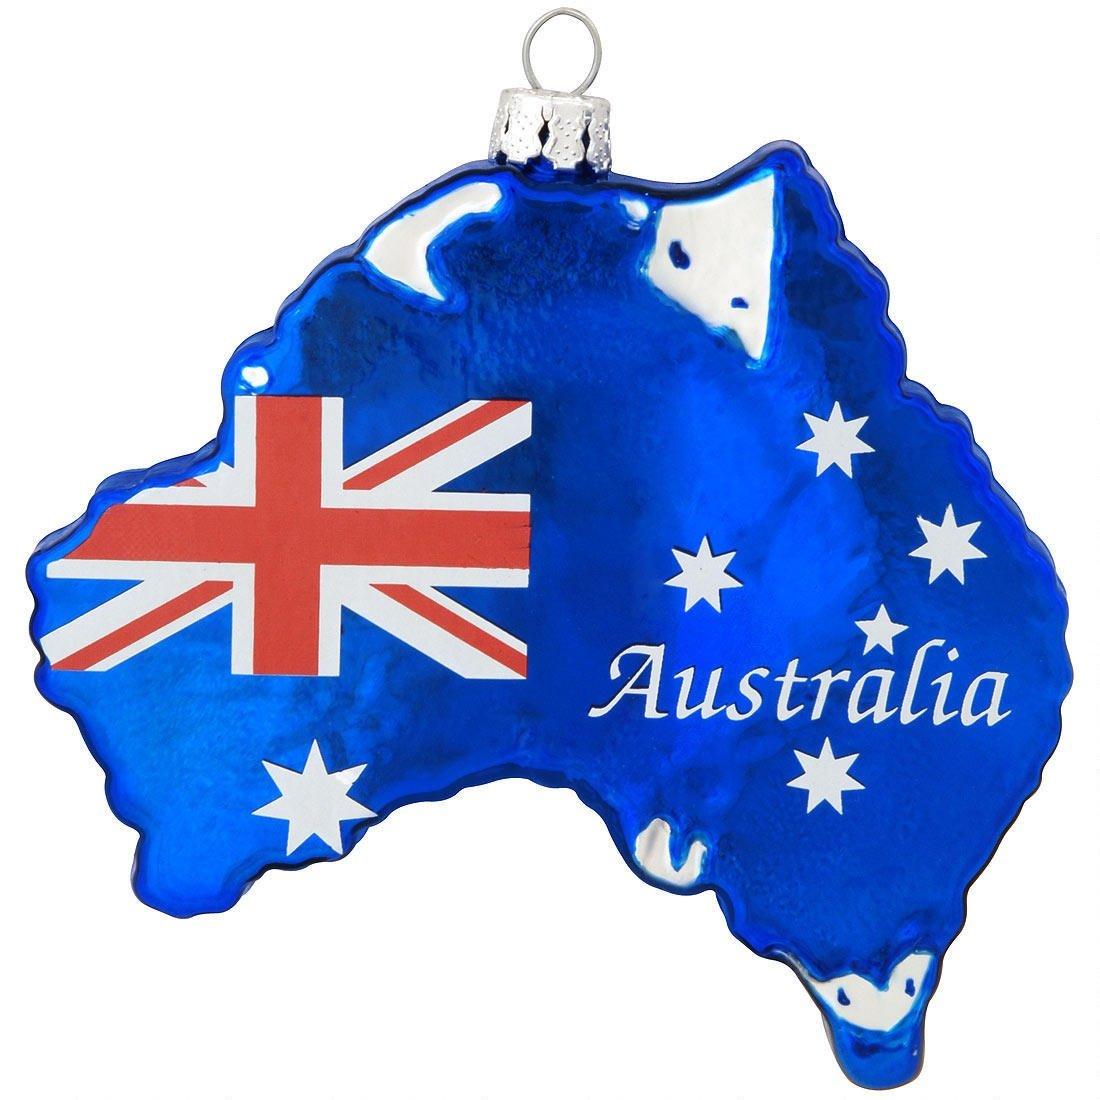 New Glass Country Of Australia Kangaroo Joey Christmas Christmas Tree Ornament